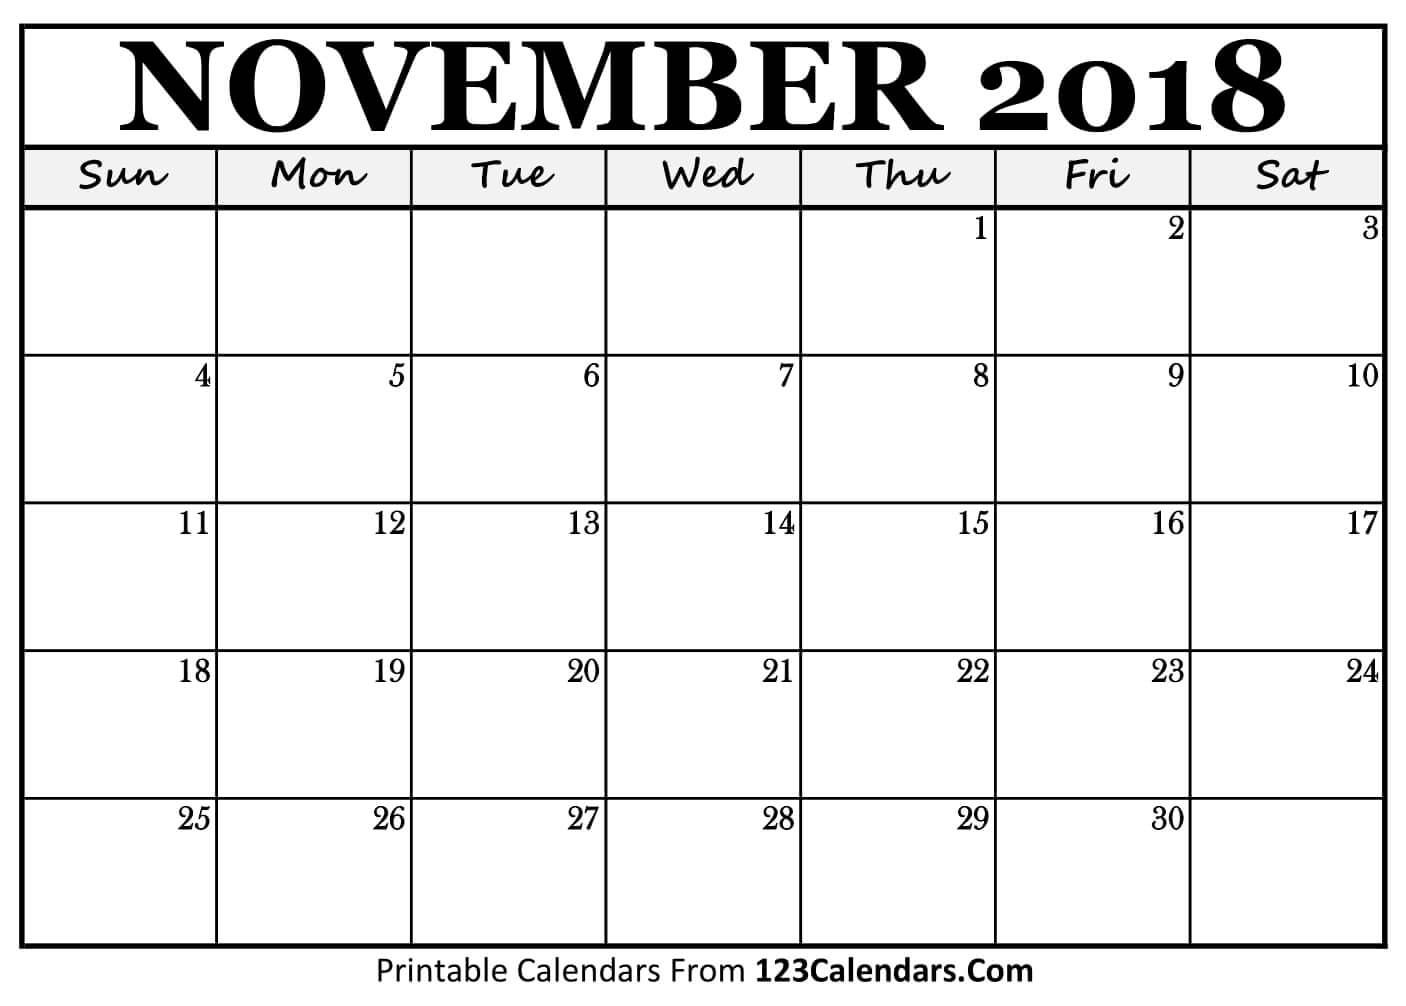 Printable November 2018 Calendar Templates 123Calendars | Isacl